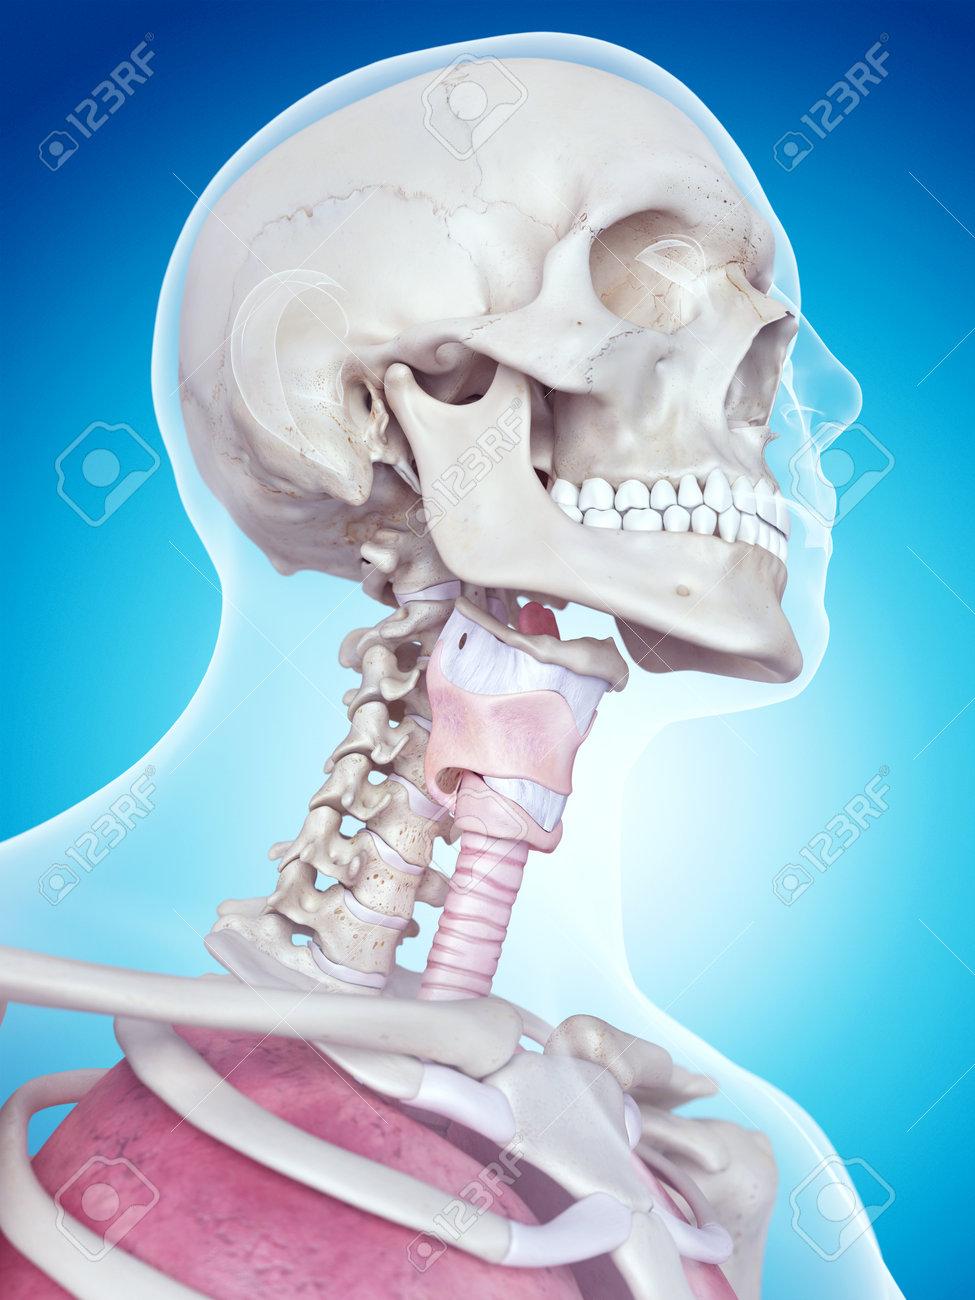 Ilustración Médica Precisa De La Anatomía Laringe Fotos, Retratos ...